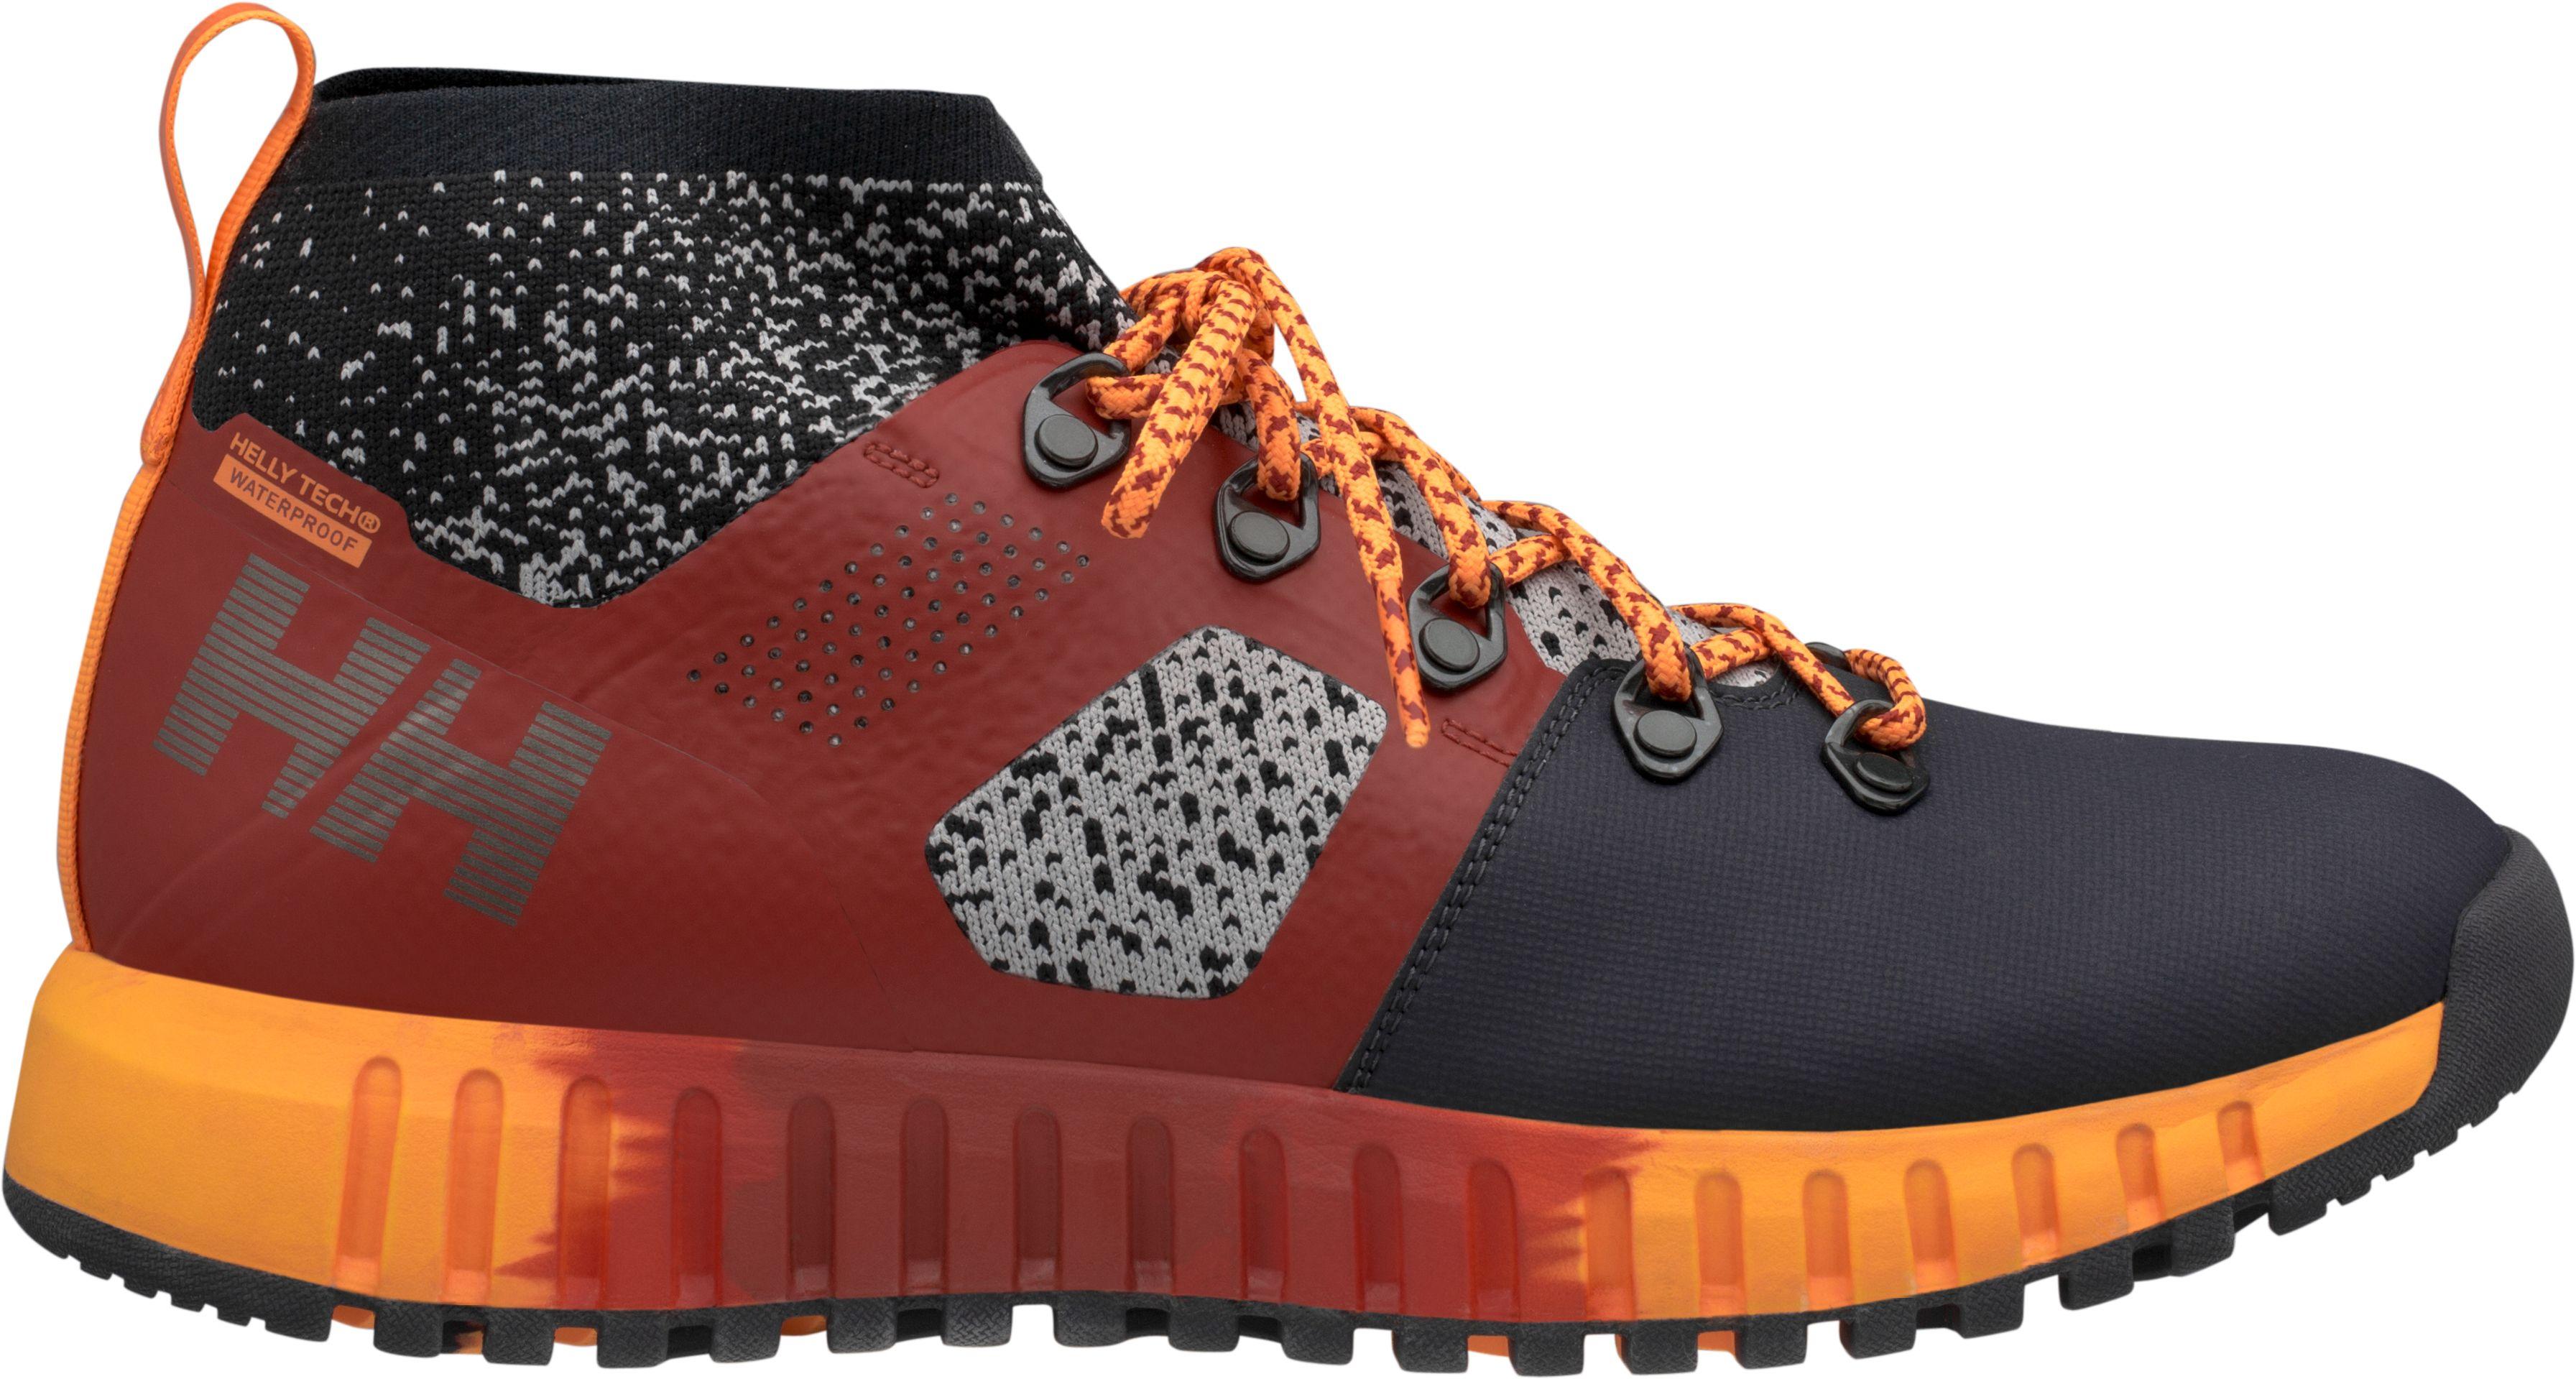 78e09a0ca662b Helly Hansen, Vanir Canter, Outdoor, Mountain, footwear, HellyTech ...